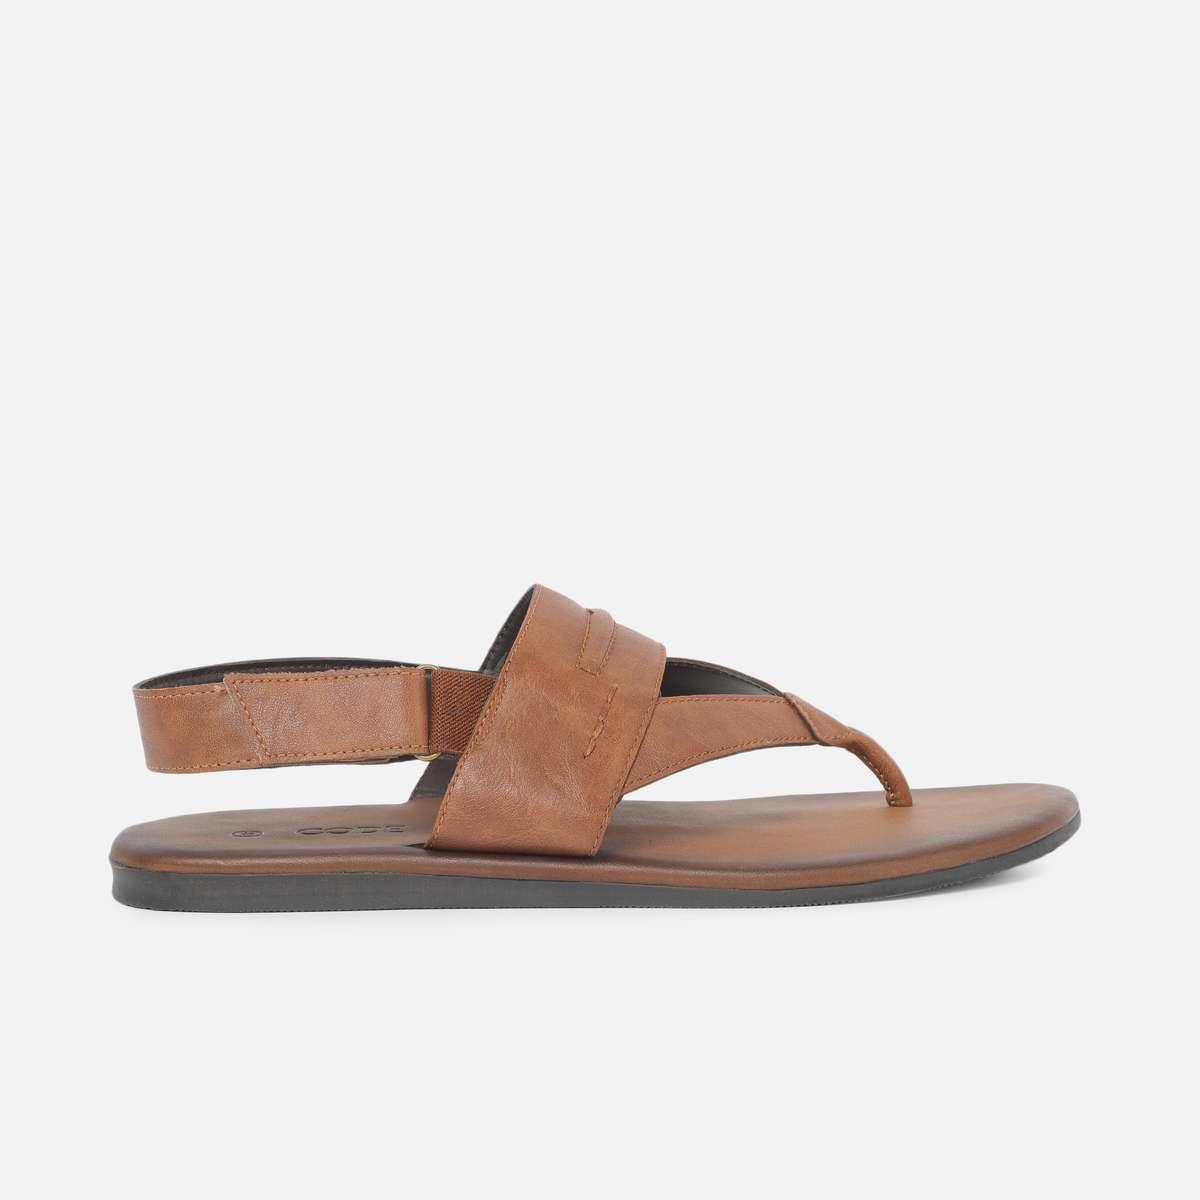 2.FORCA Colourblocked V-strap Slippers